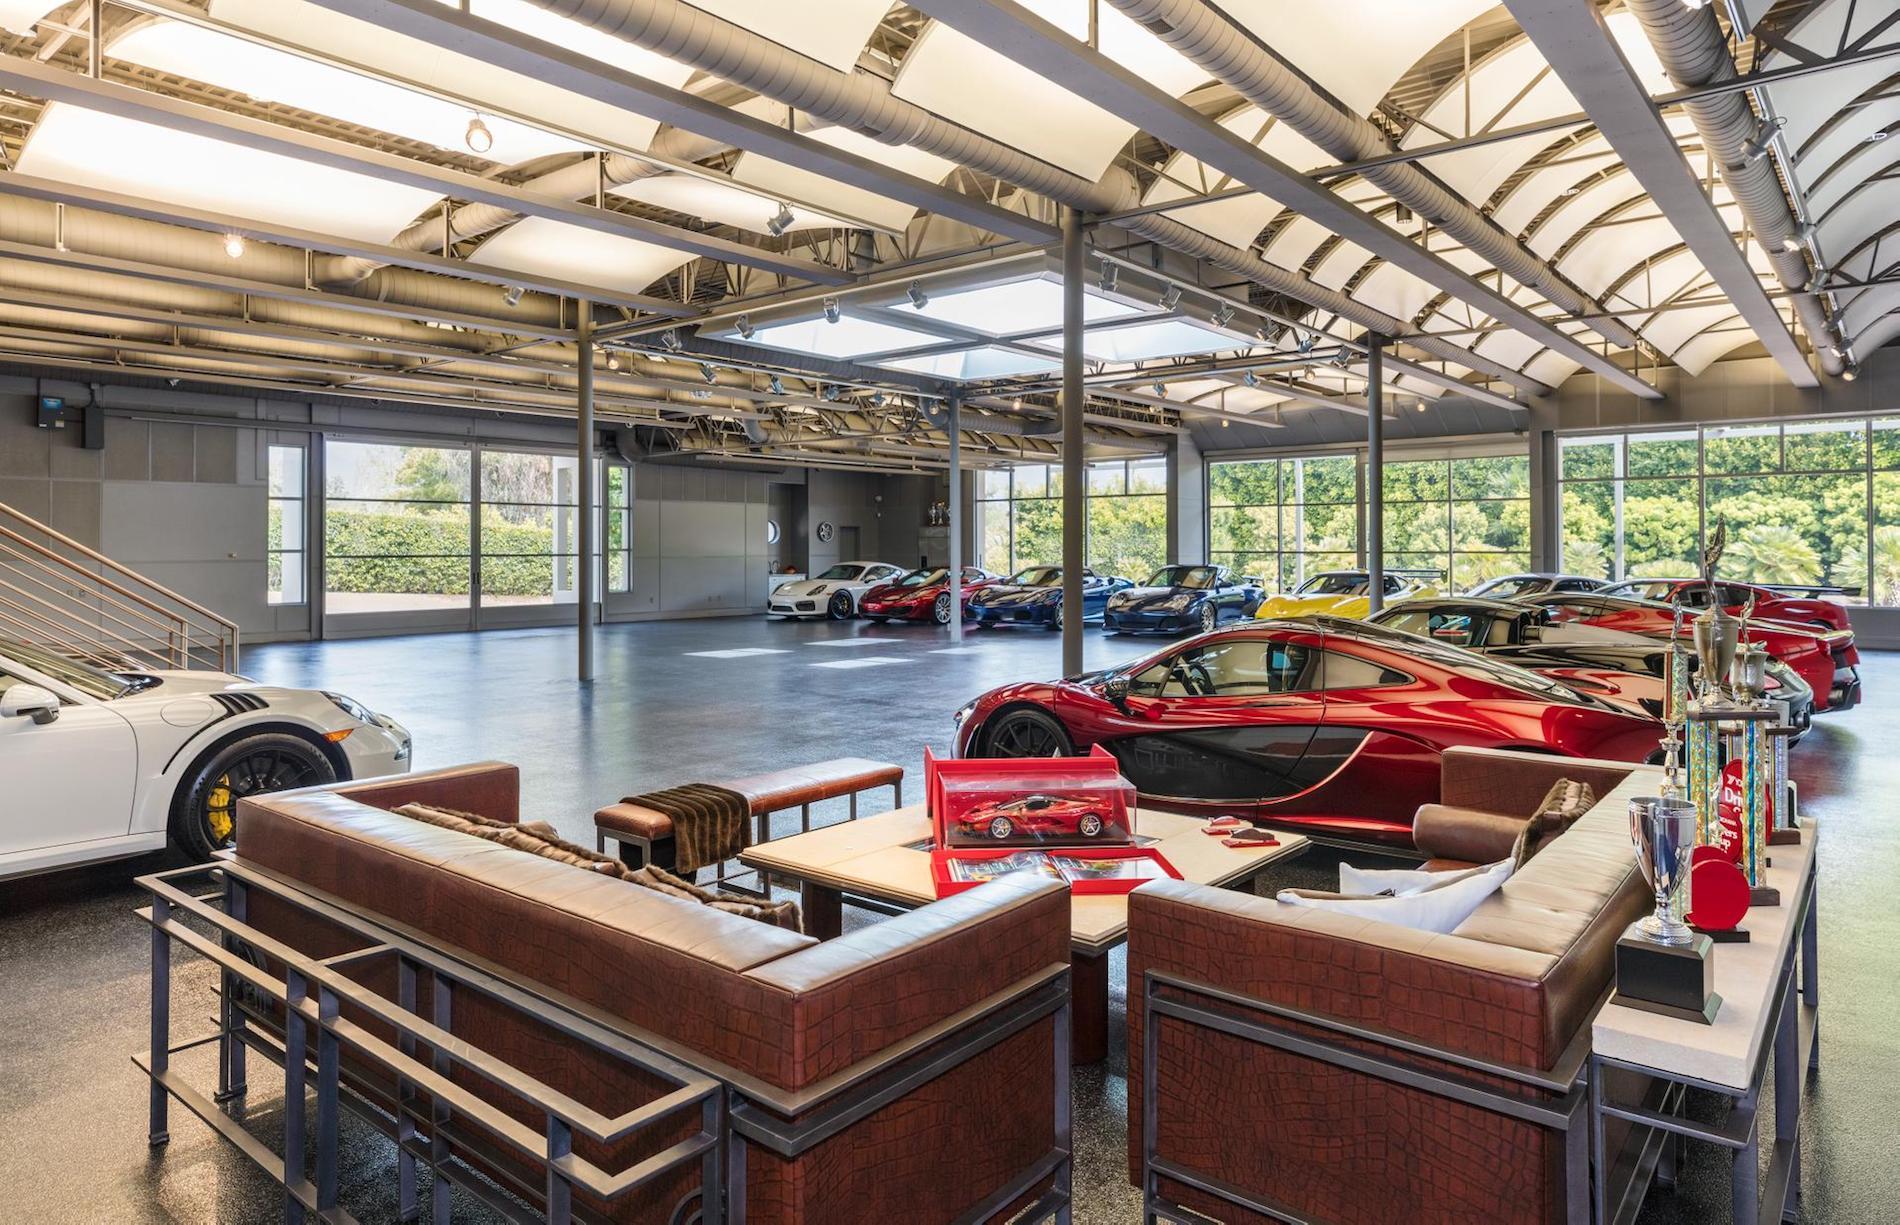 Eine Garage für $10 Millionen Dollar: Das private Automuseum in Malibu wird verkauft 6